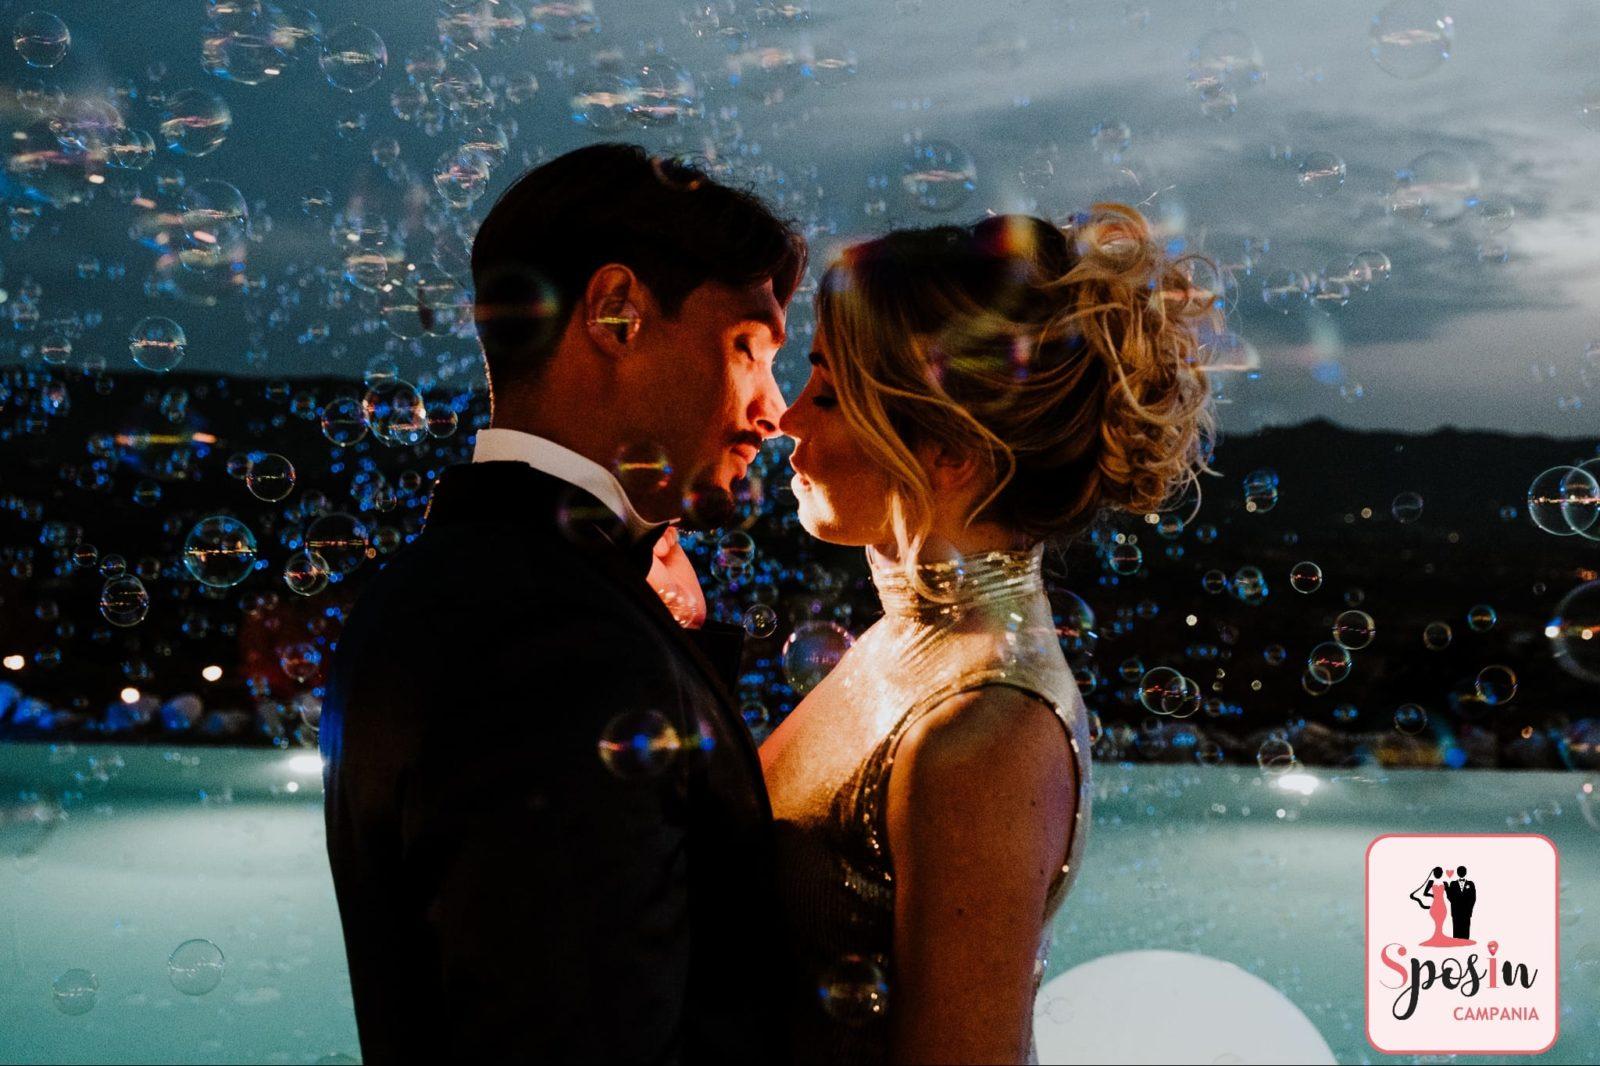 Niente mascherine per gli sposi: da oggi si può, mascherine, sposi, sposi campania, cei, viminale, fase 3 coronavirus, covid-19, matrimoni campania, wedding, wedding campania